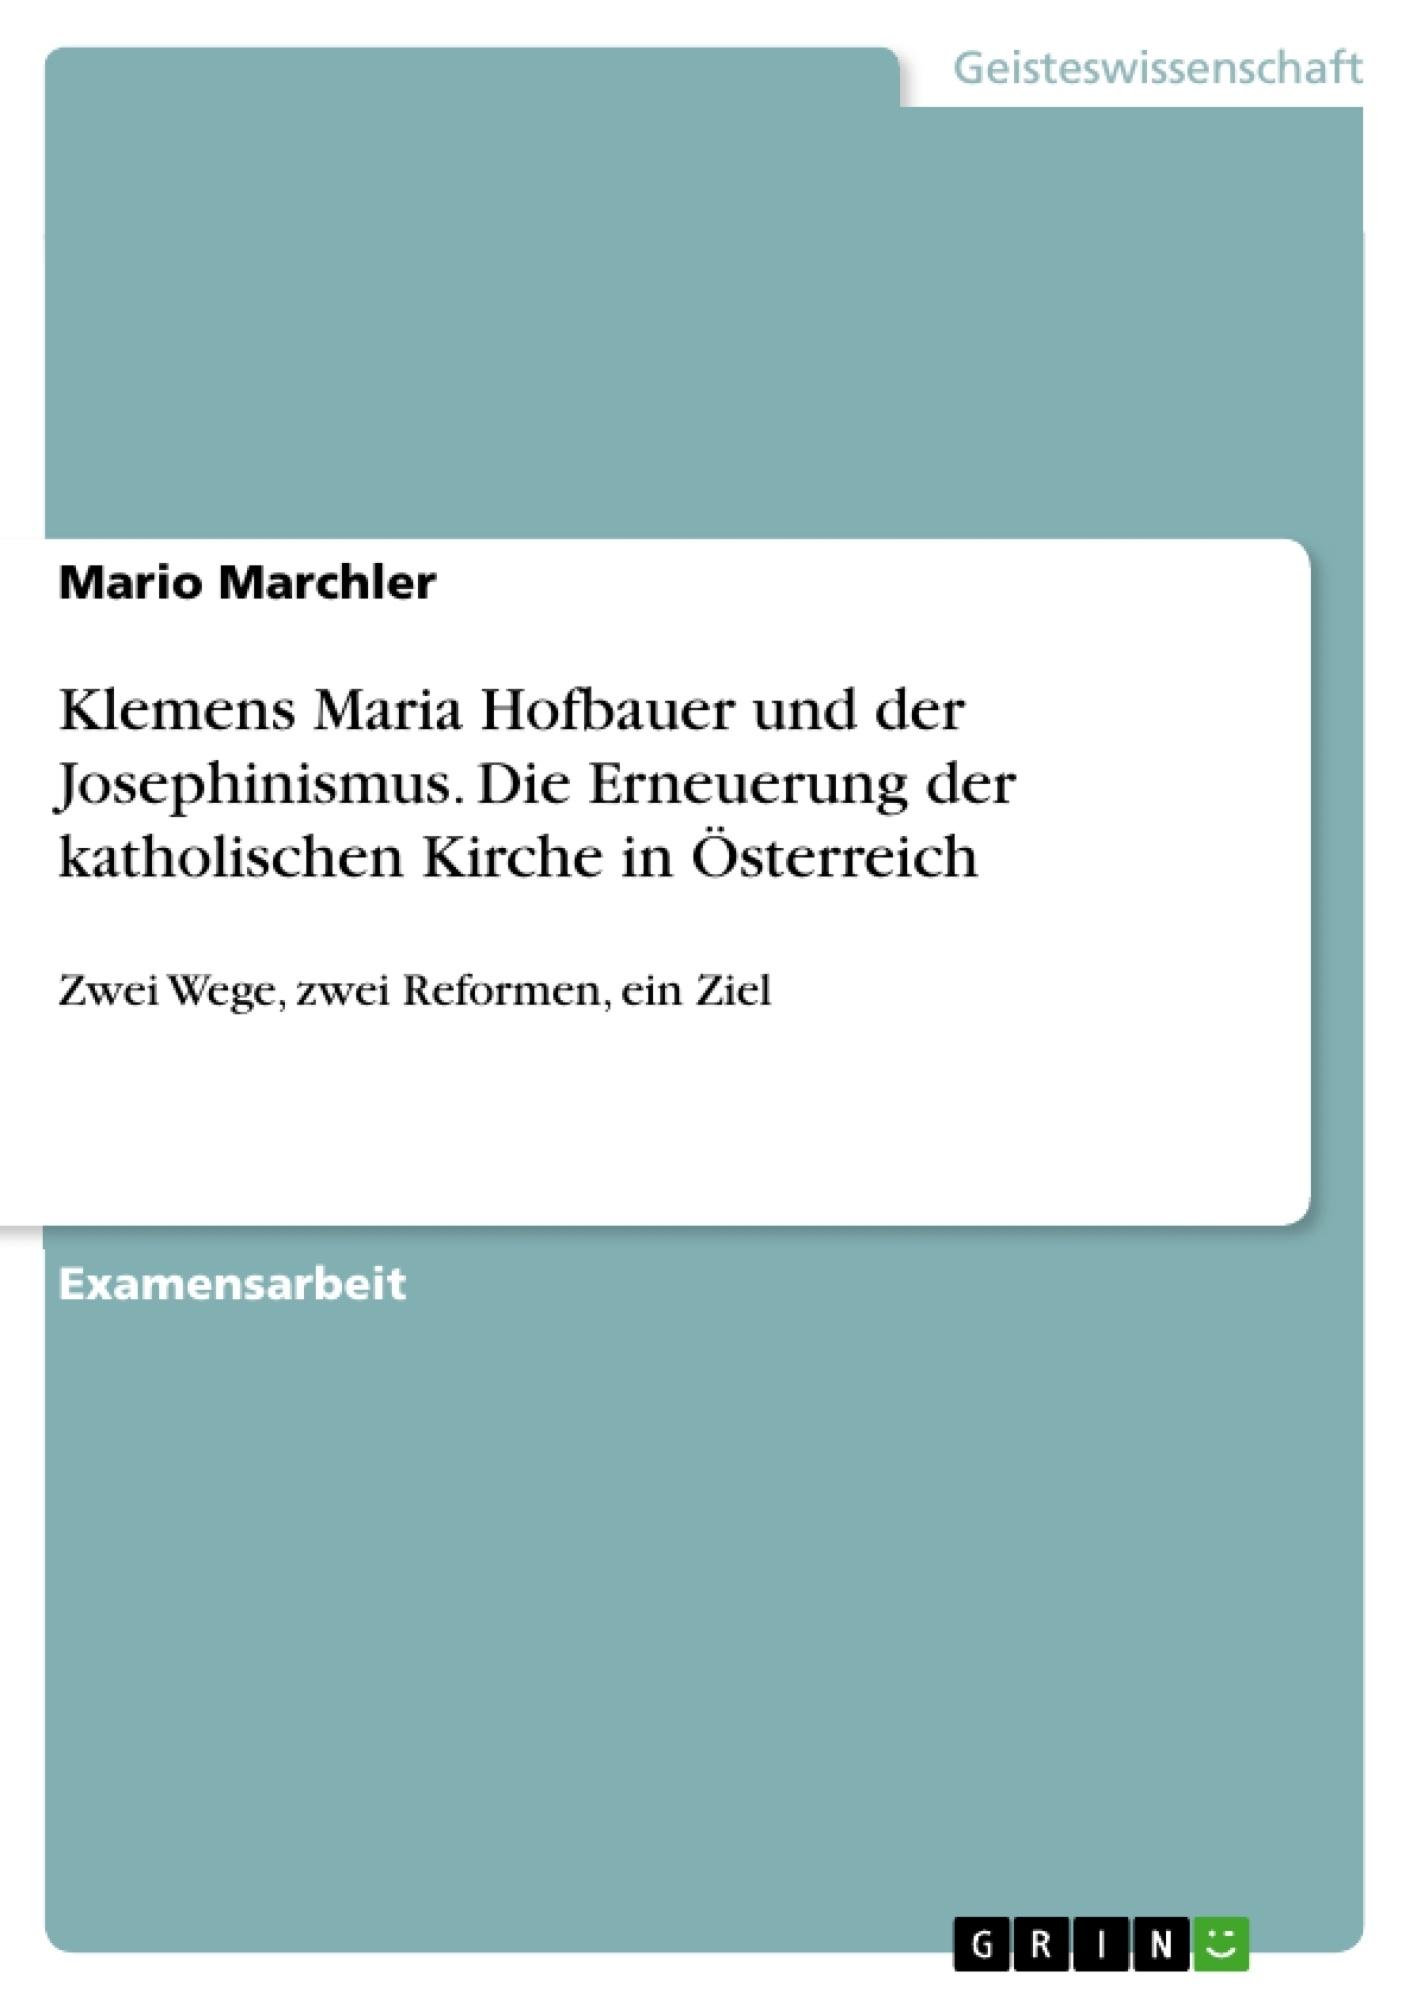 Titel: Klemens Maria Hofbauer und der Josephinismus. Die Erneuerung der katholischen Kirche in Österreich